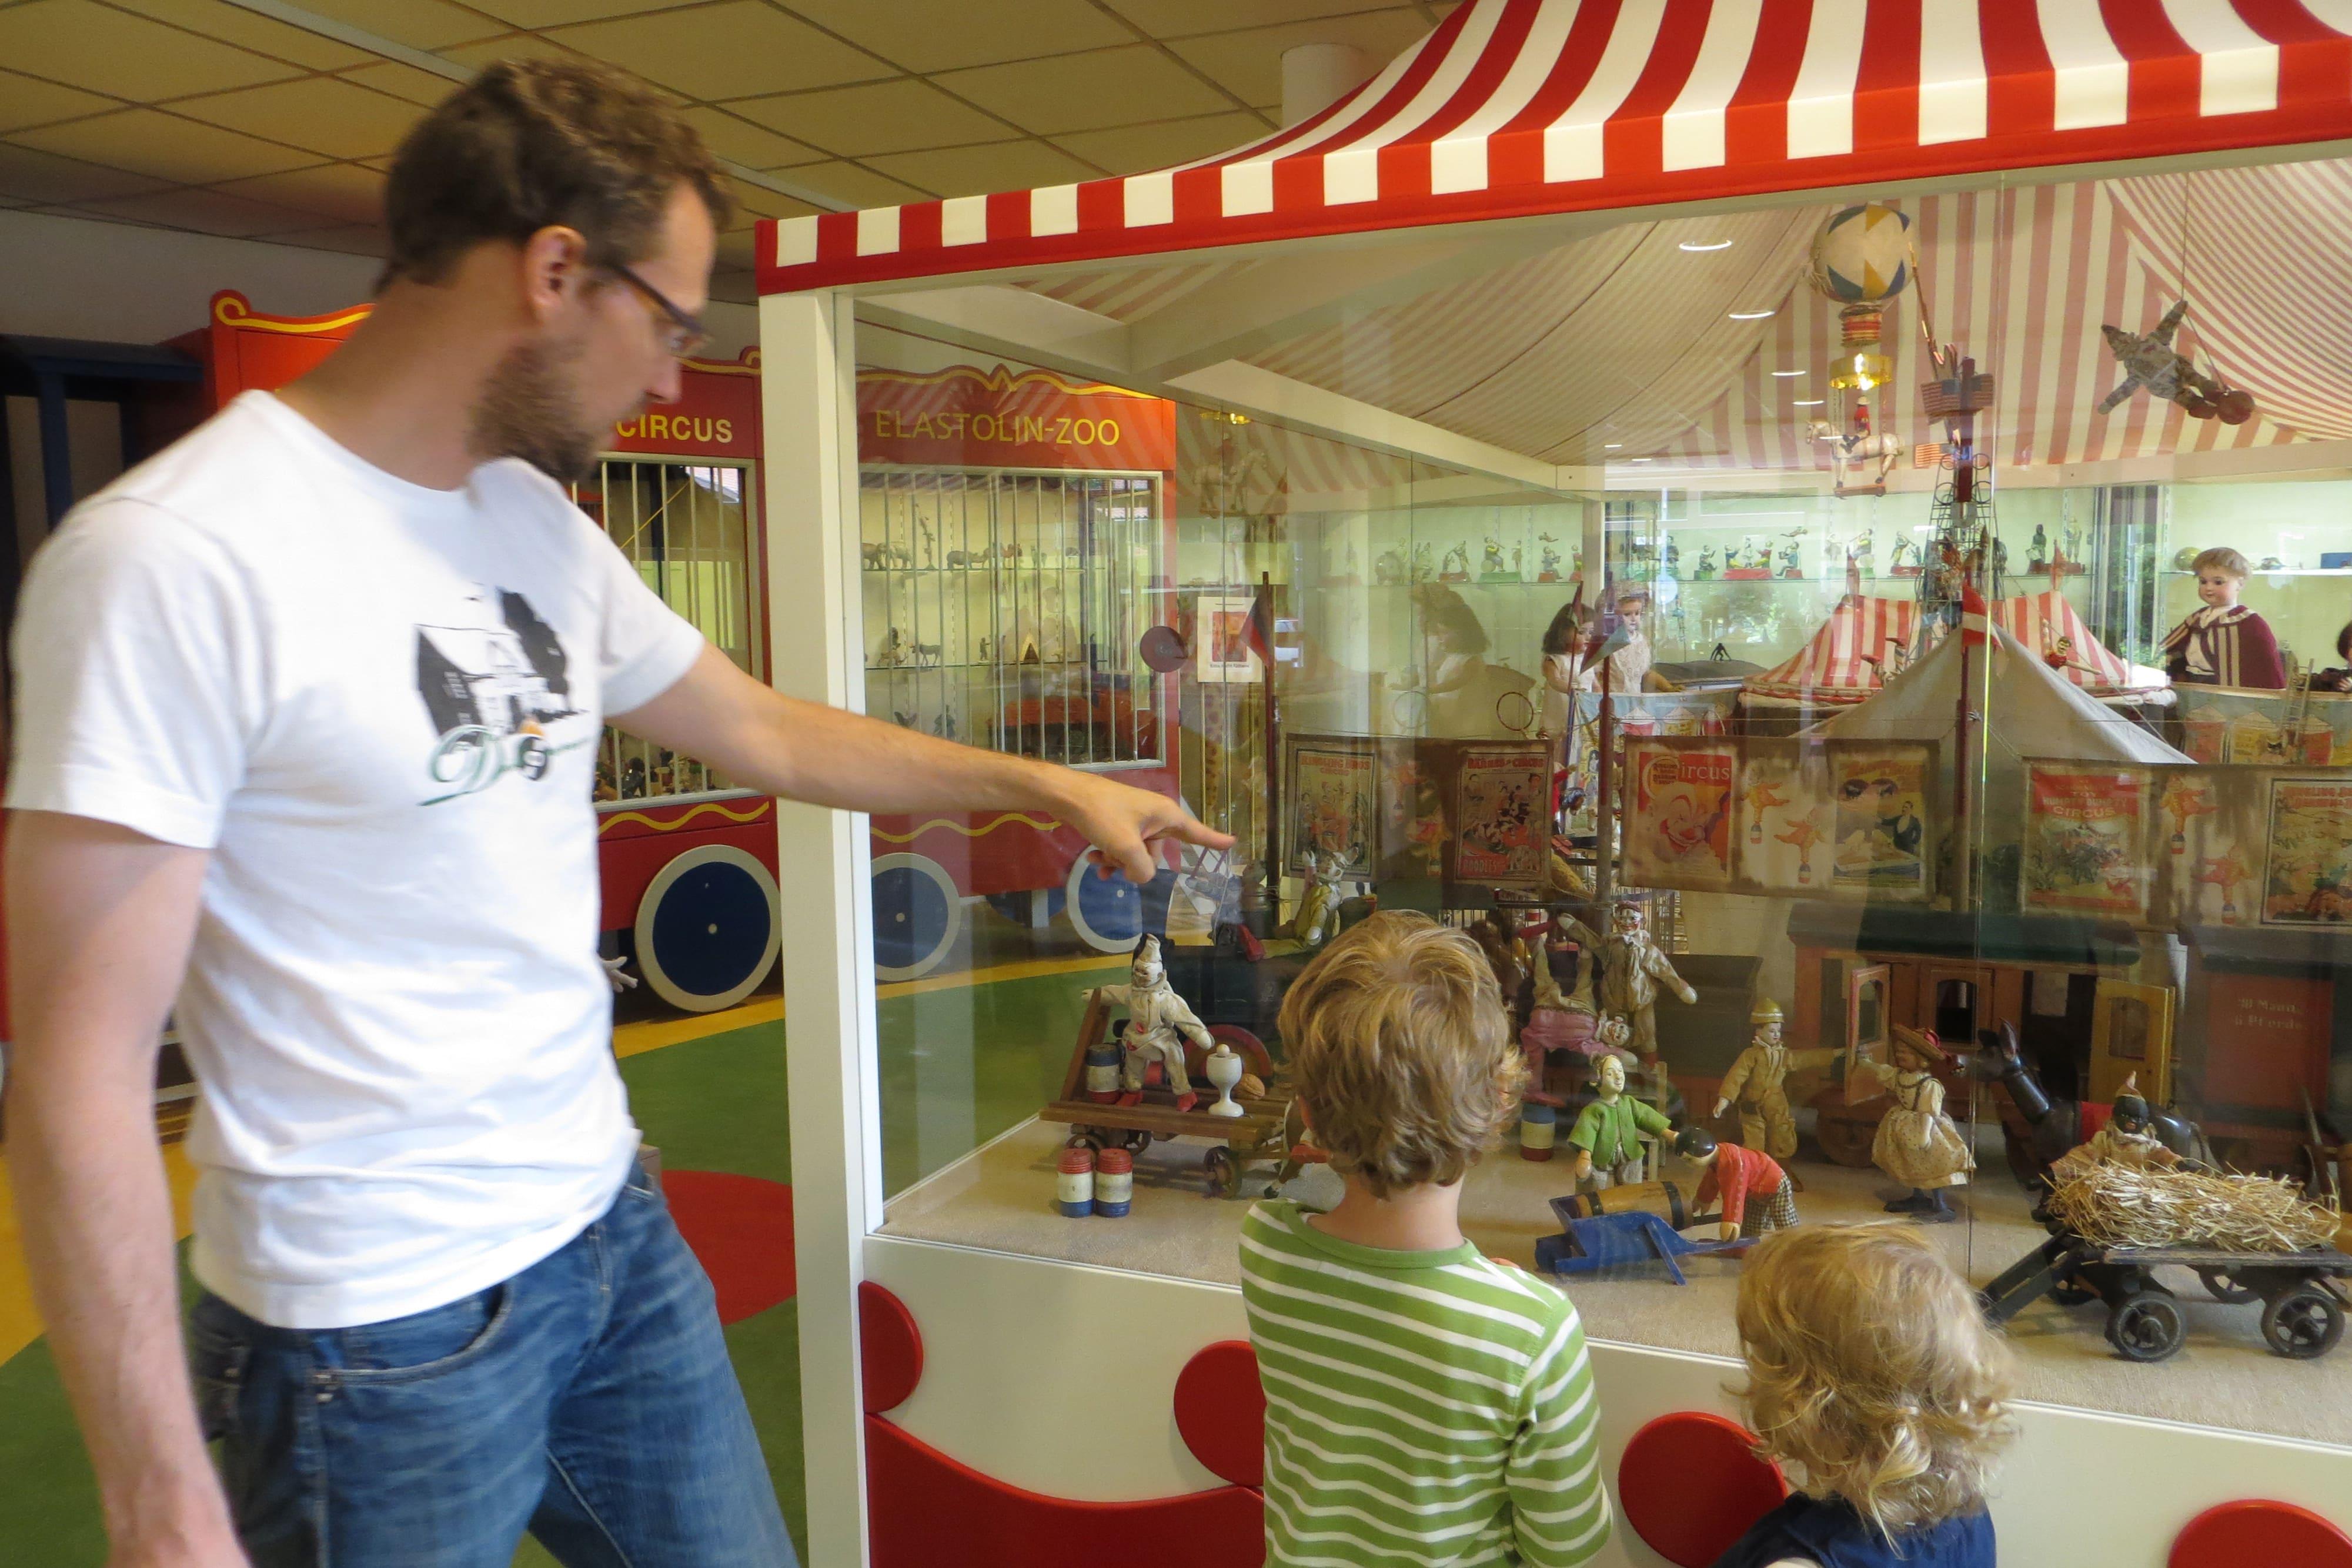 spielmuseum-besucher-zirkus1.jpg